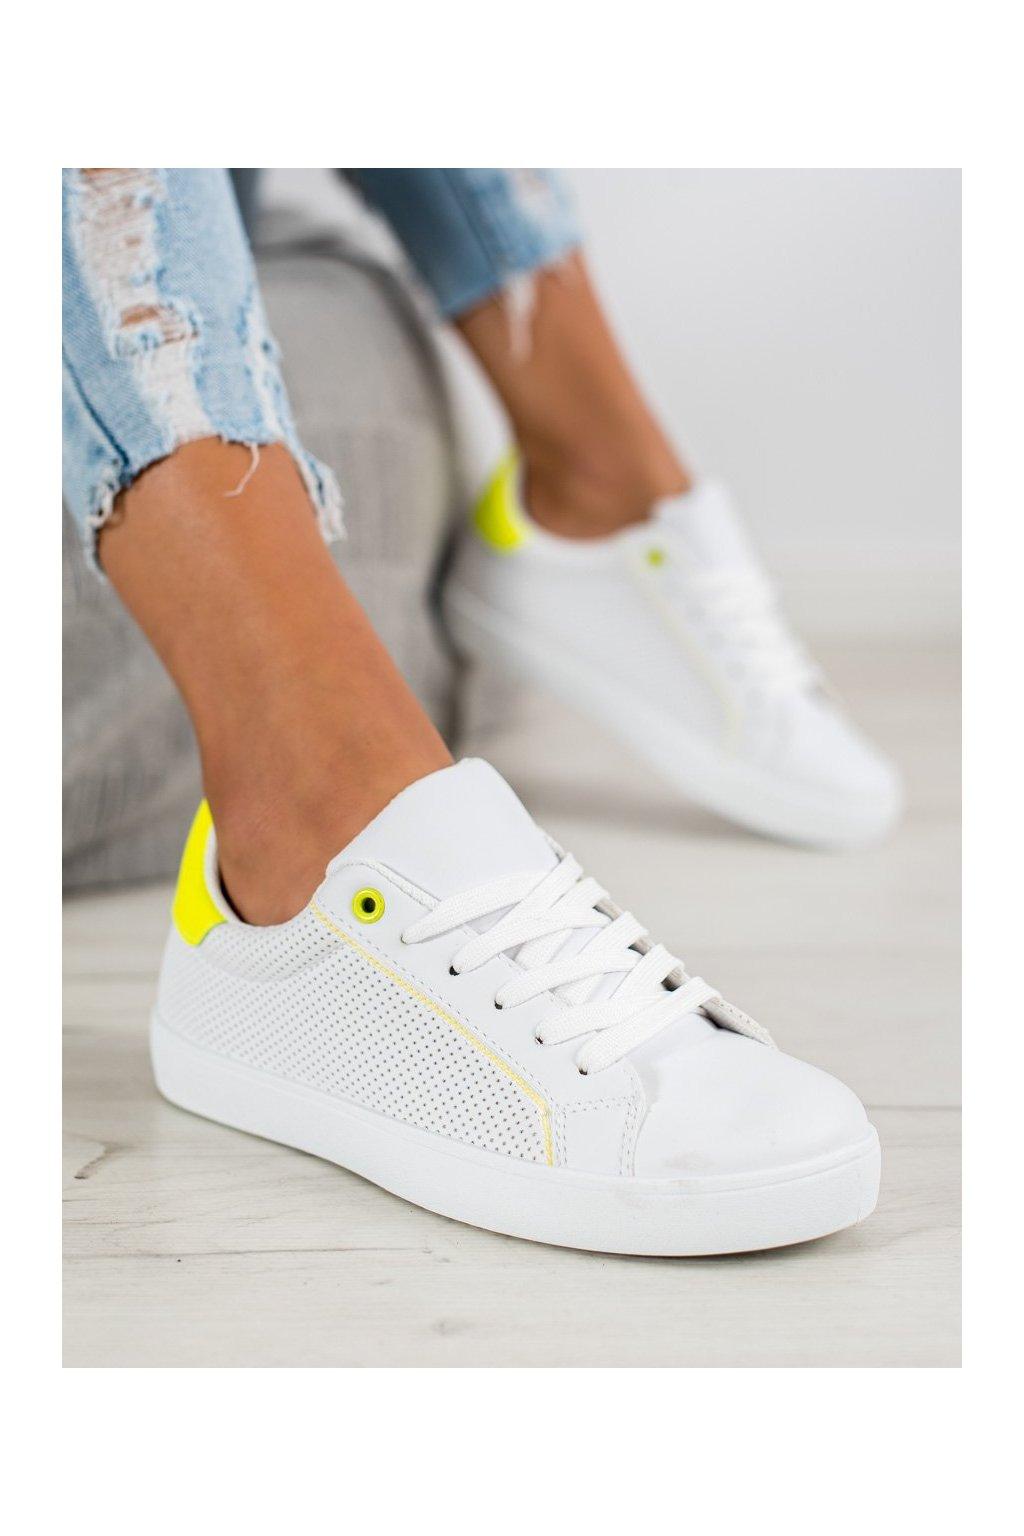 Biele tenisky Shelovet kod BO-502W/Y